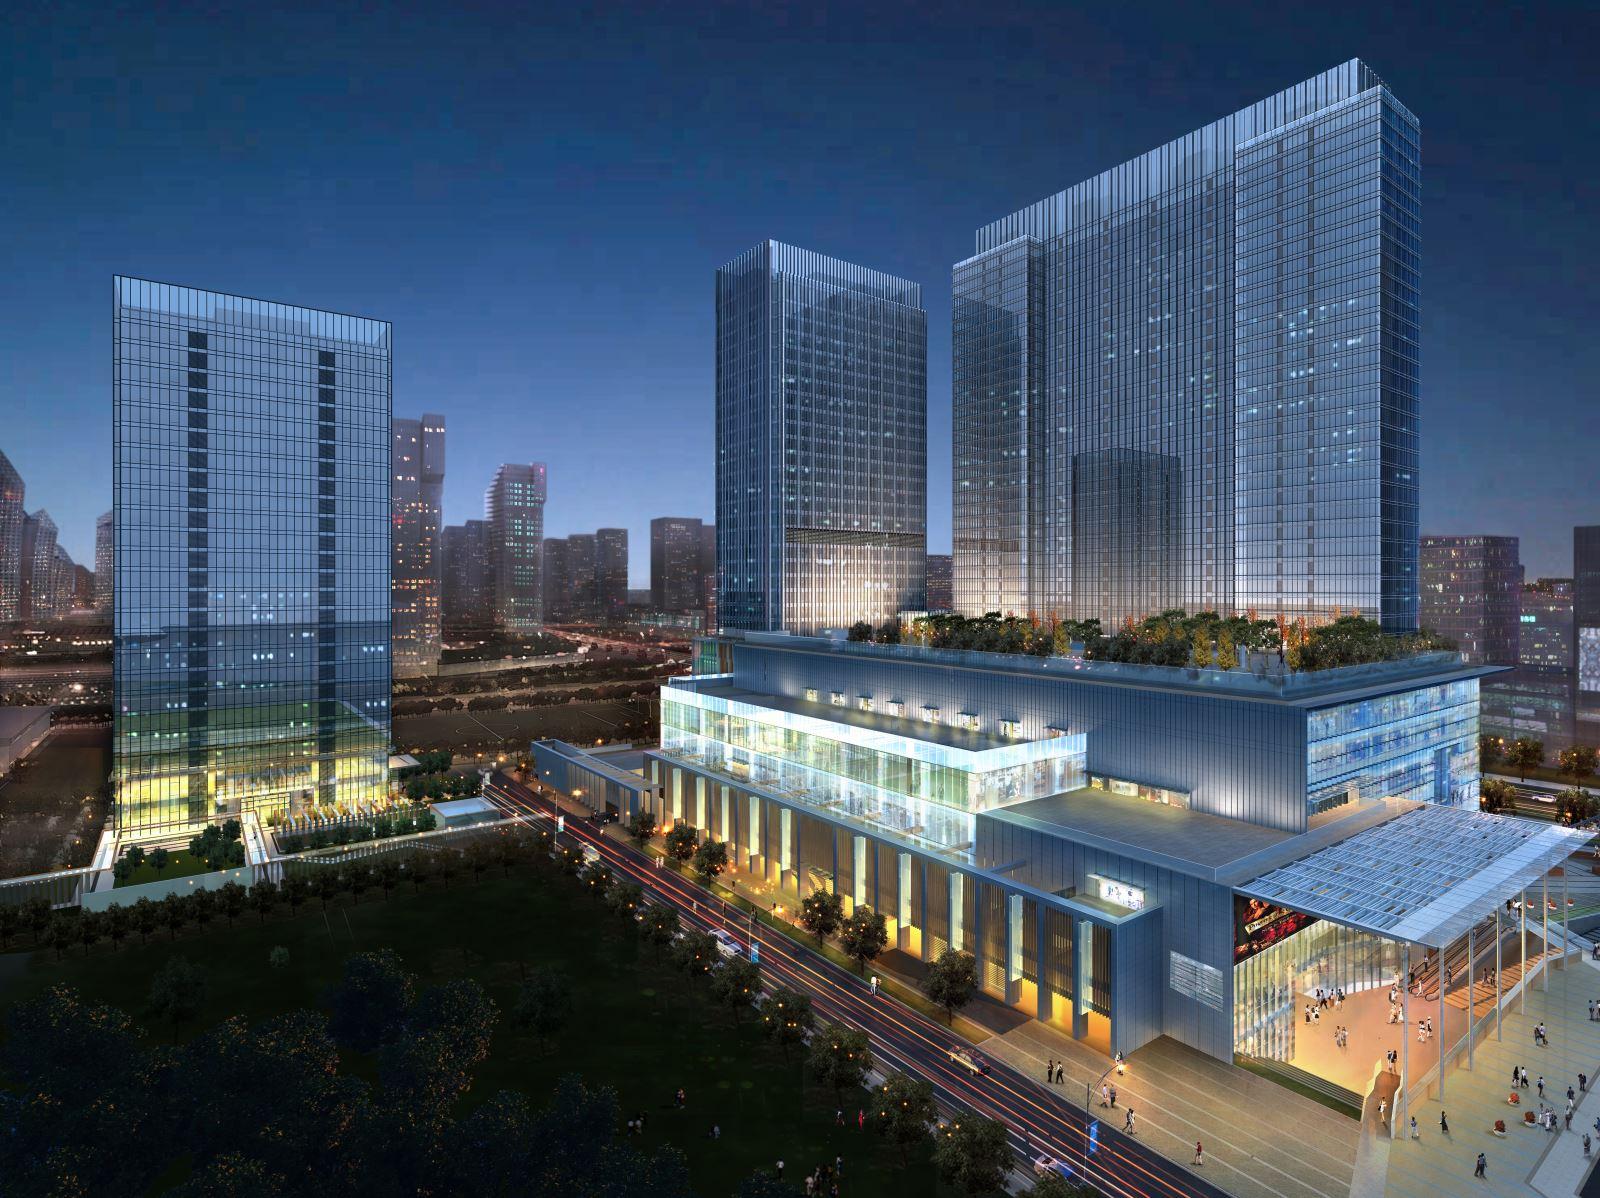 北京北投亚博体育官方网站地址购物公园